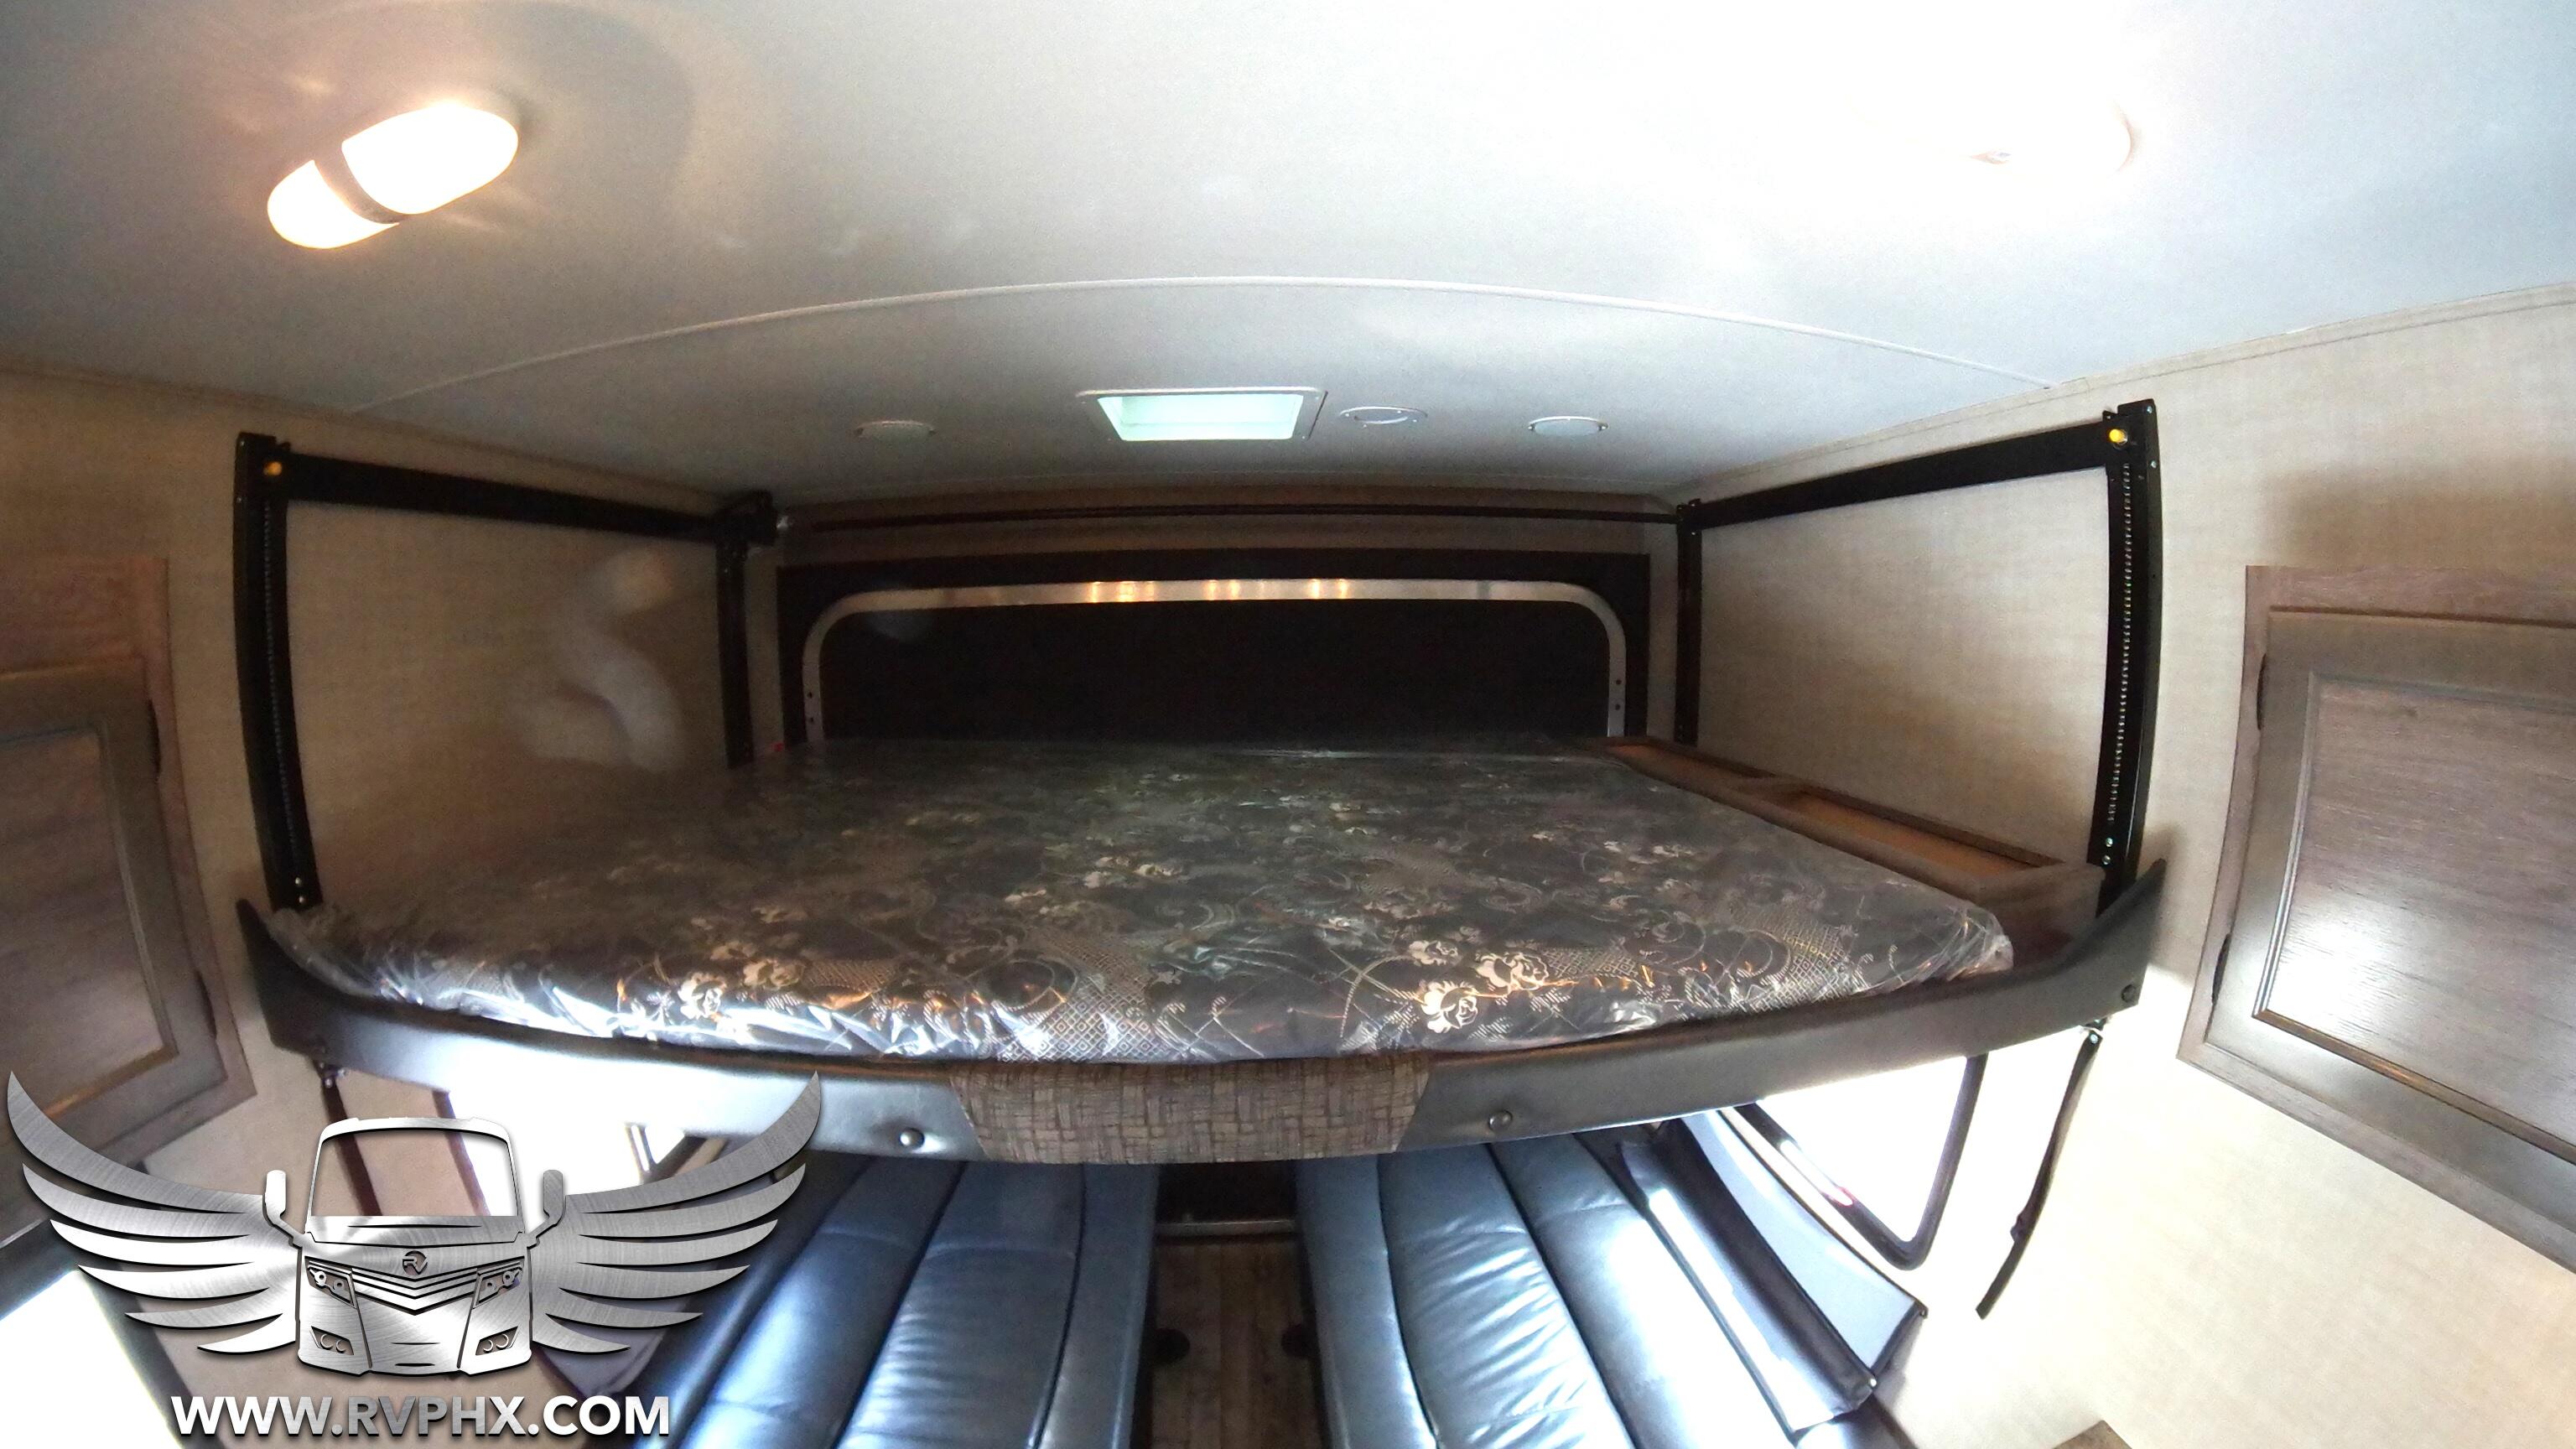 Top bunk bed